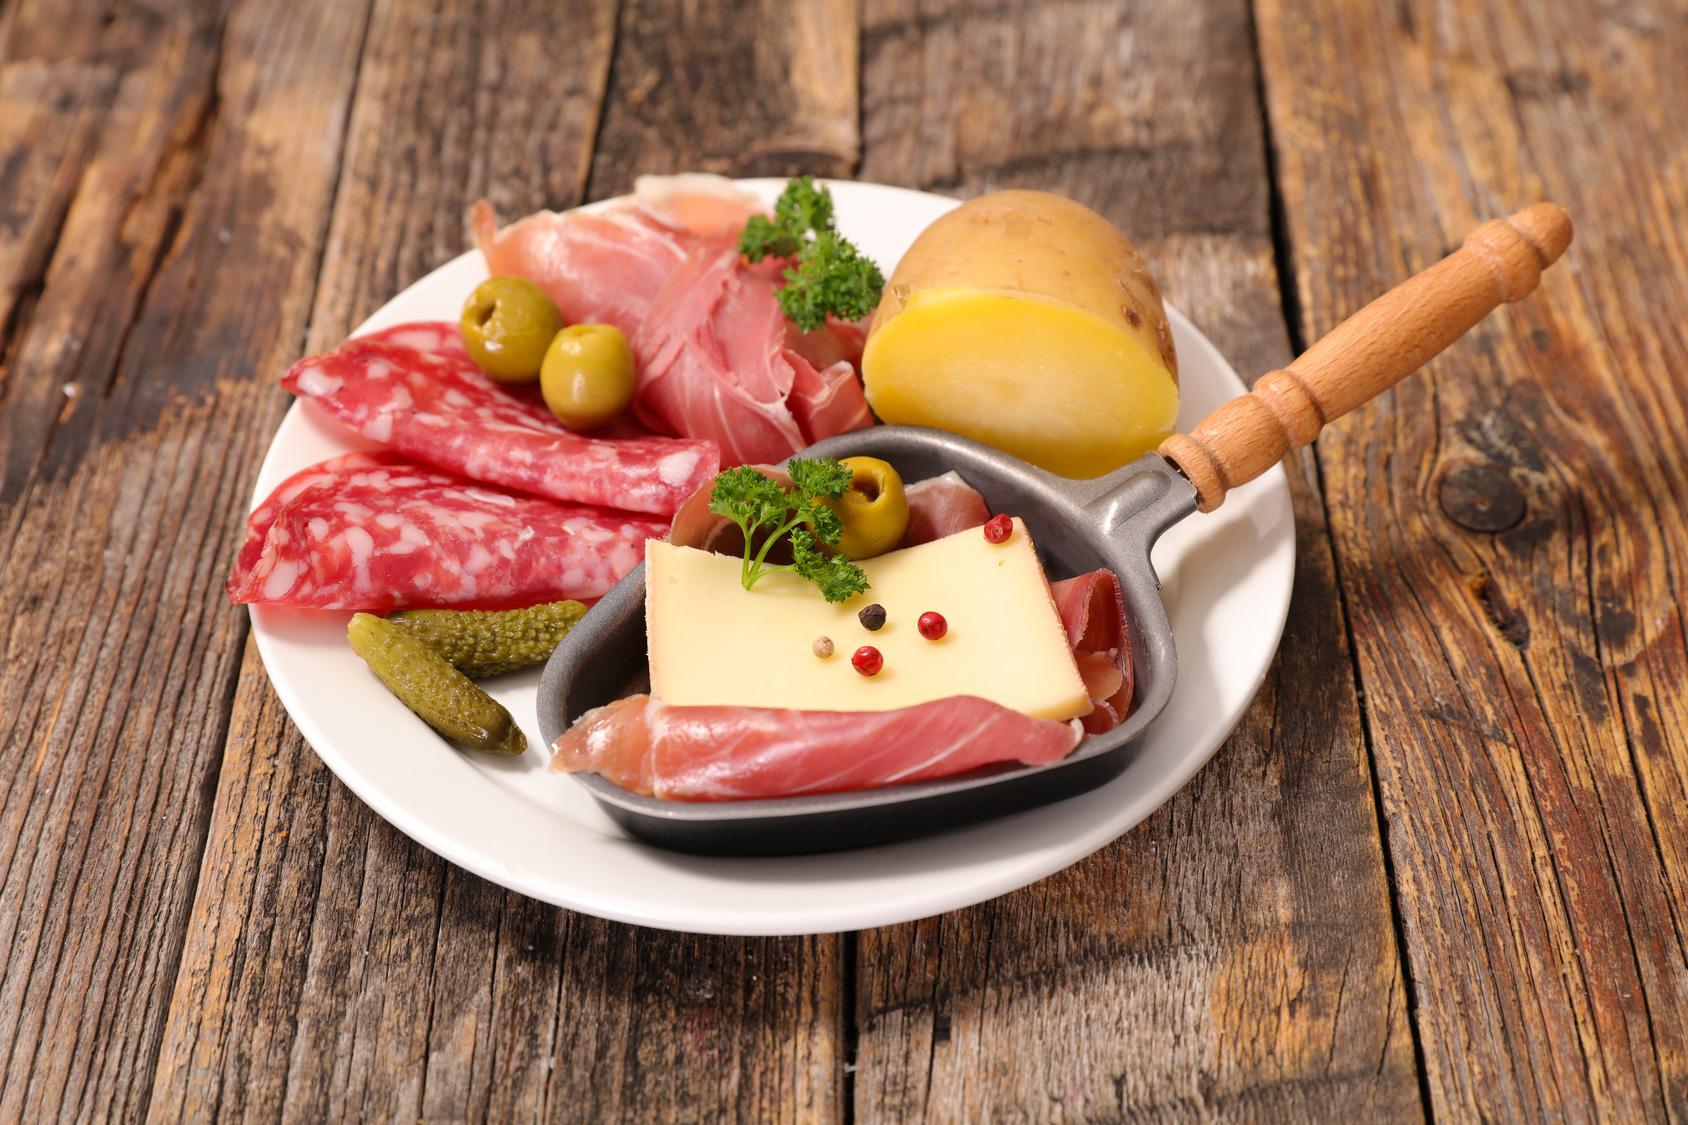 Transférer sur minceur c'est quoi le keto diet avis la prise de graisse